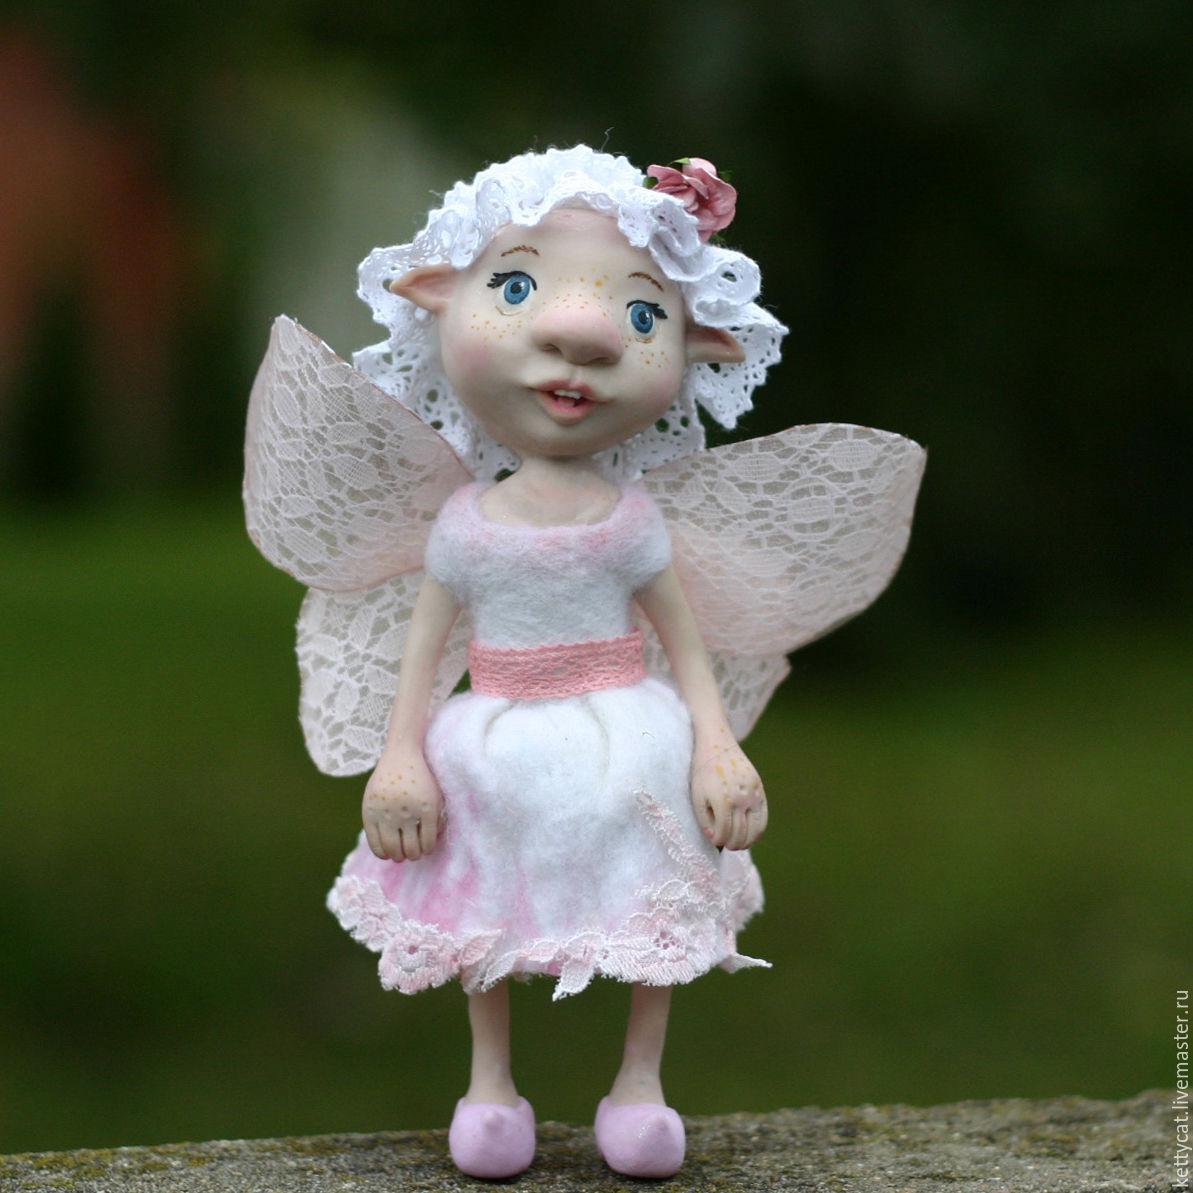 Куклы эльфы своими руками из глины фото 987